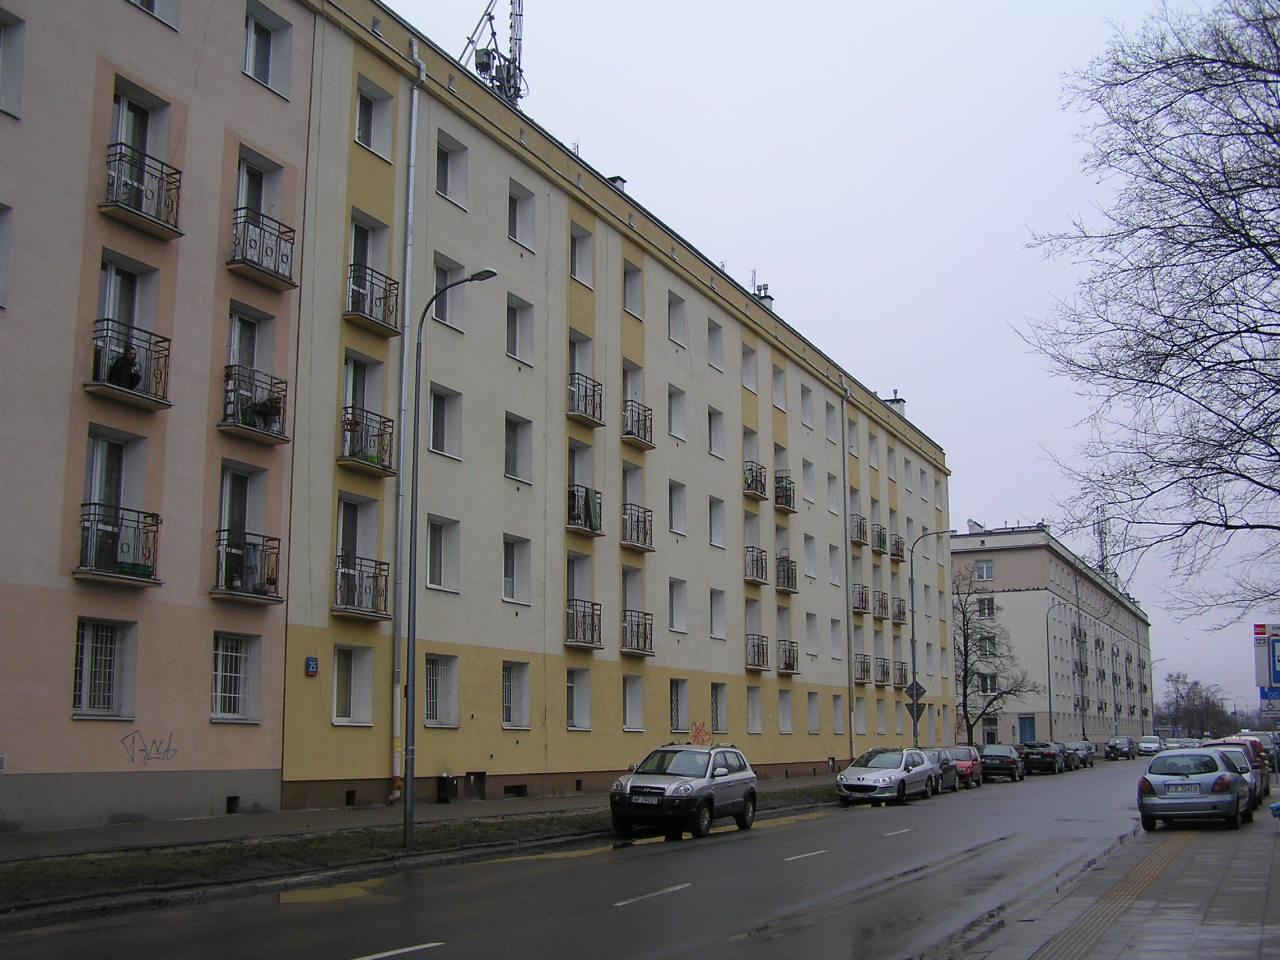 Budynek przy ulicy Wiatracznej 25 na Grochowie